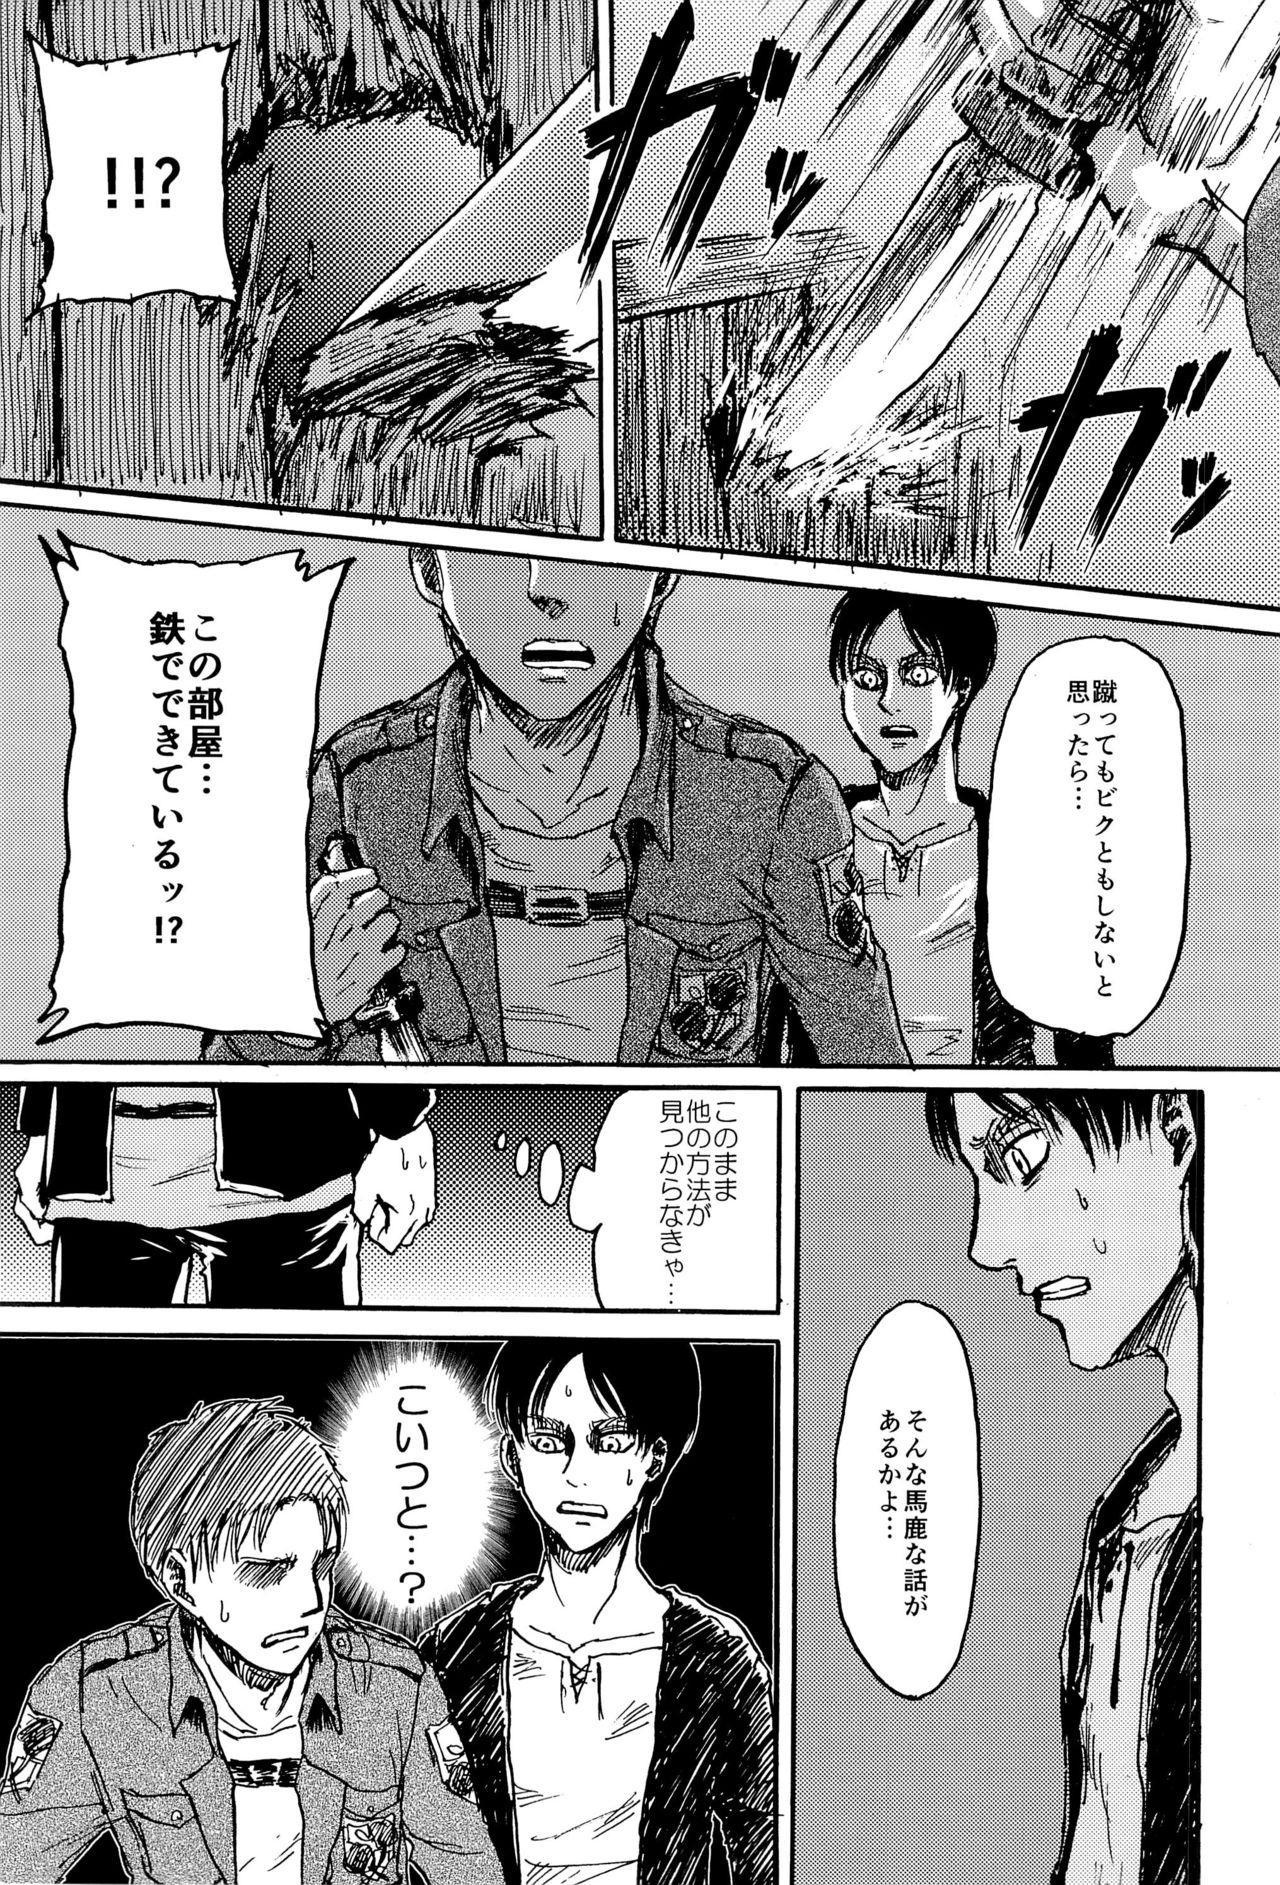 MobEre no xx Shinai to Derarenai Heya 8